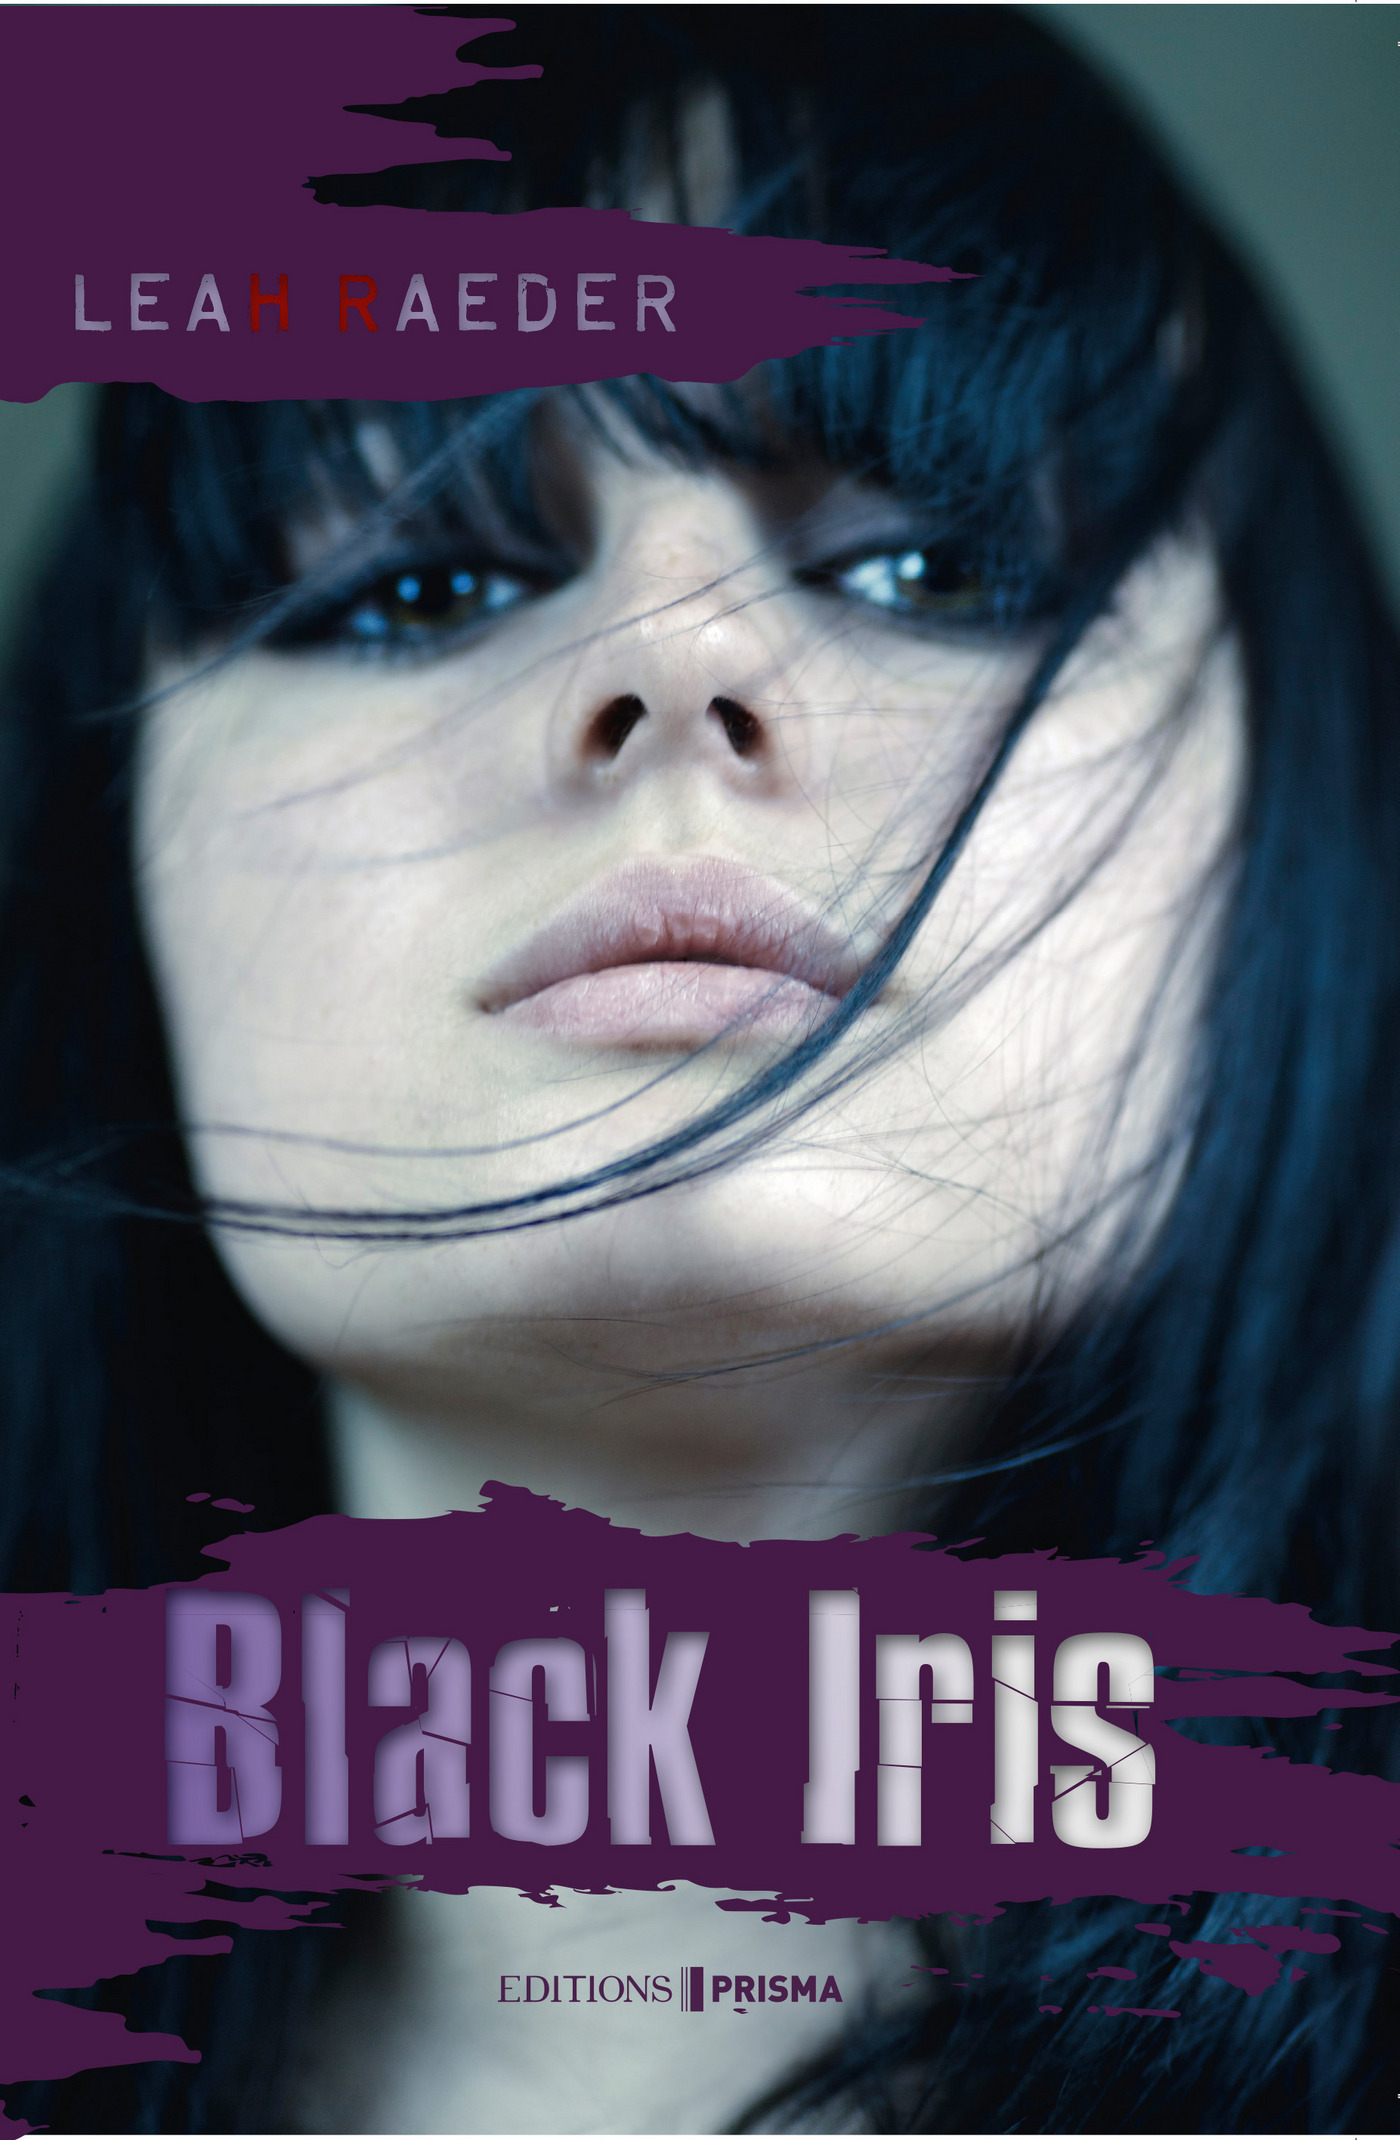 Black Iris - Free Fall - tome 2 (ebook)